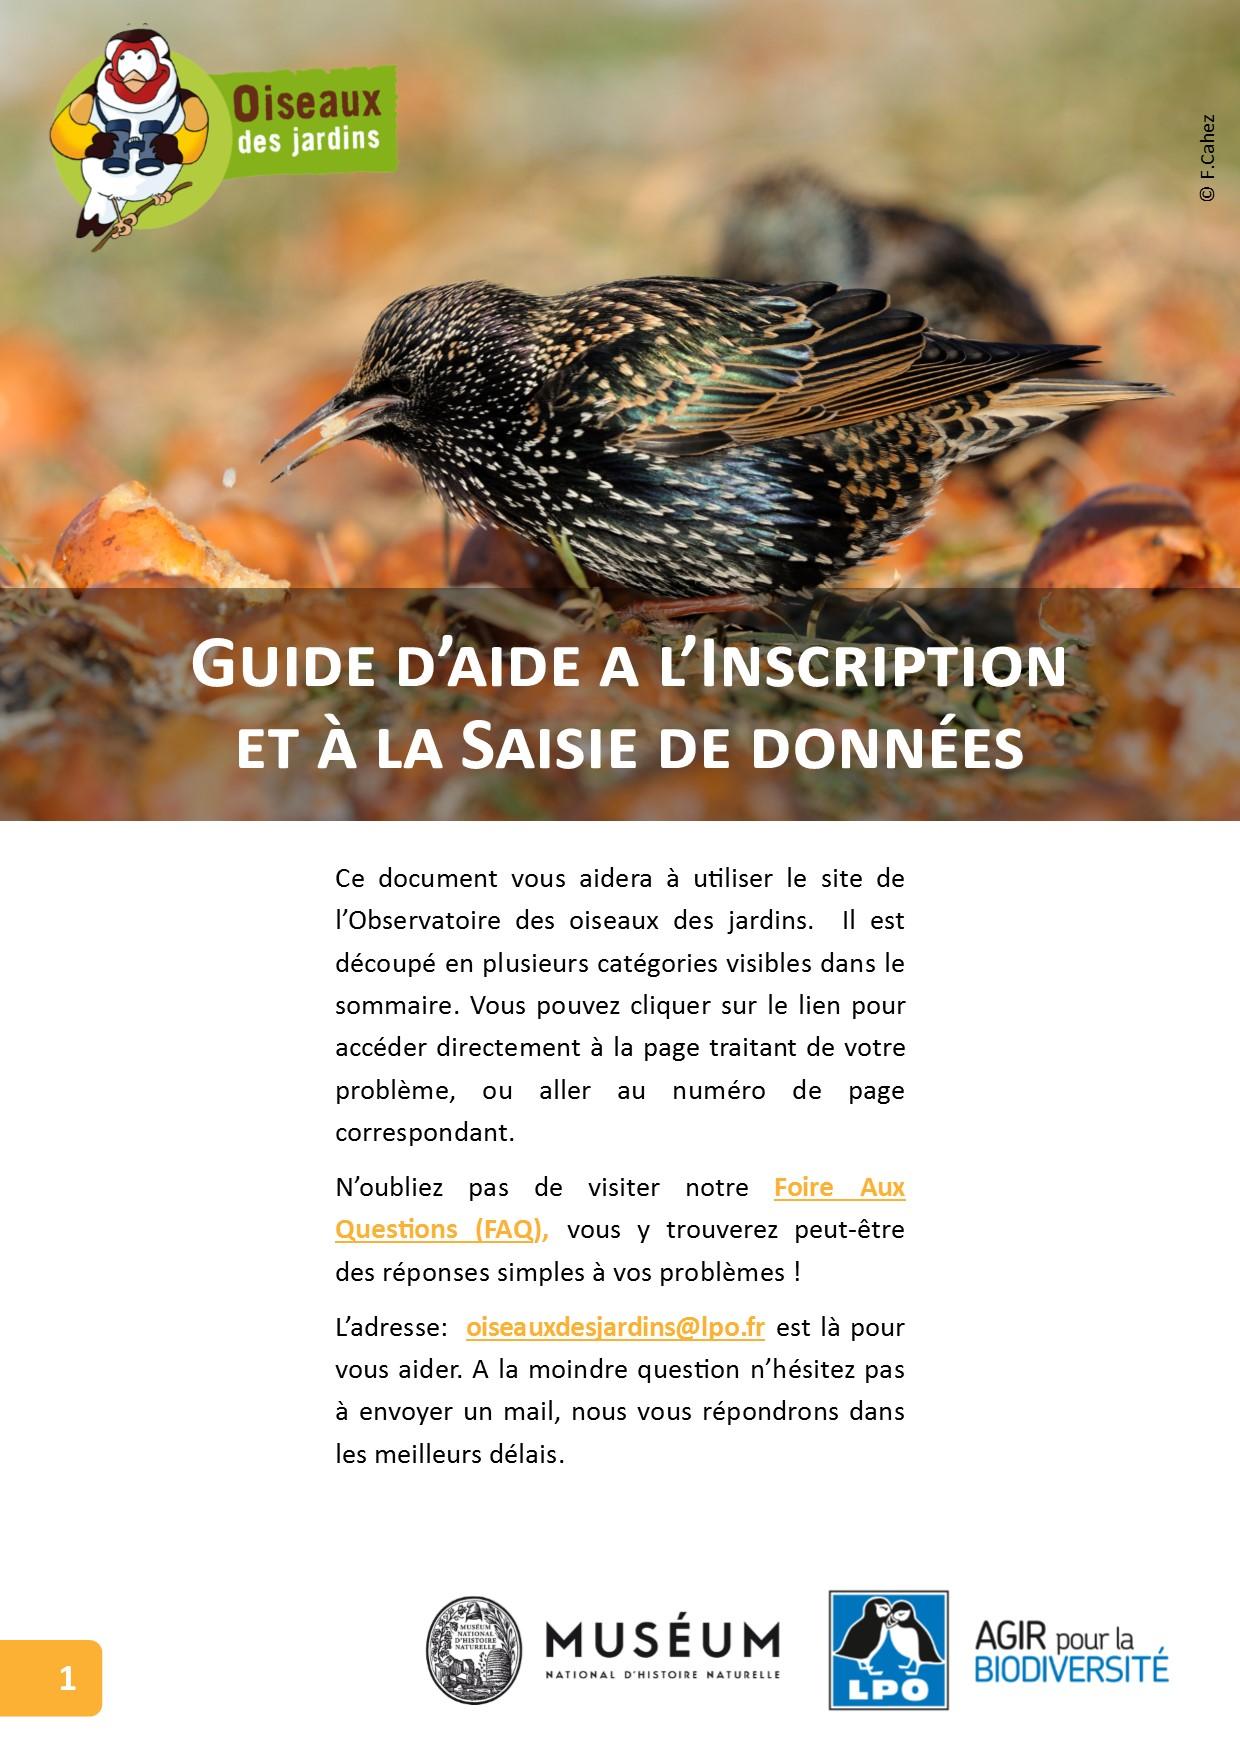 http://files.biolovision.net/www.oiseauxdesjardins.fr/userfiles/photopremirepage.jpg